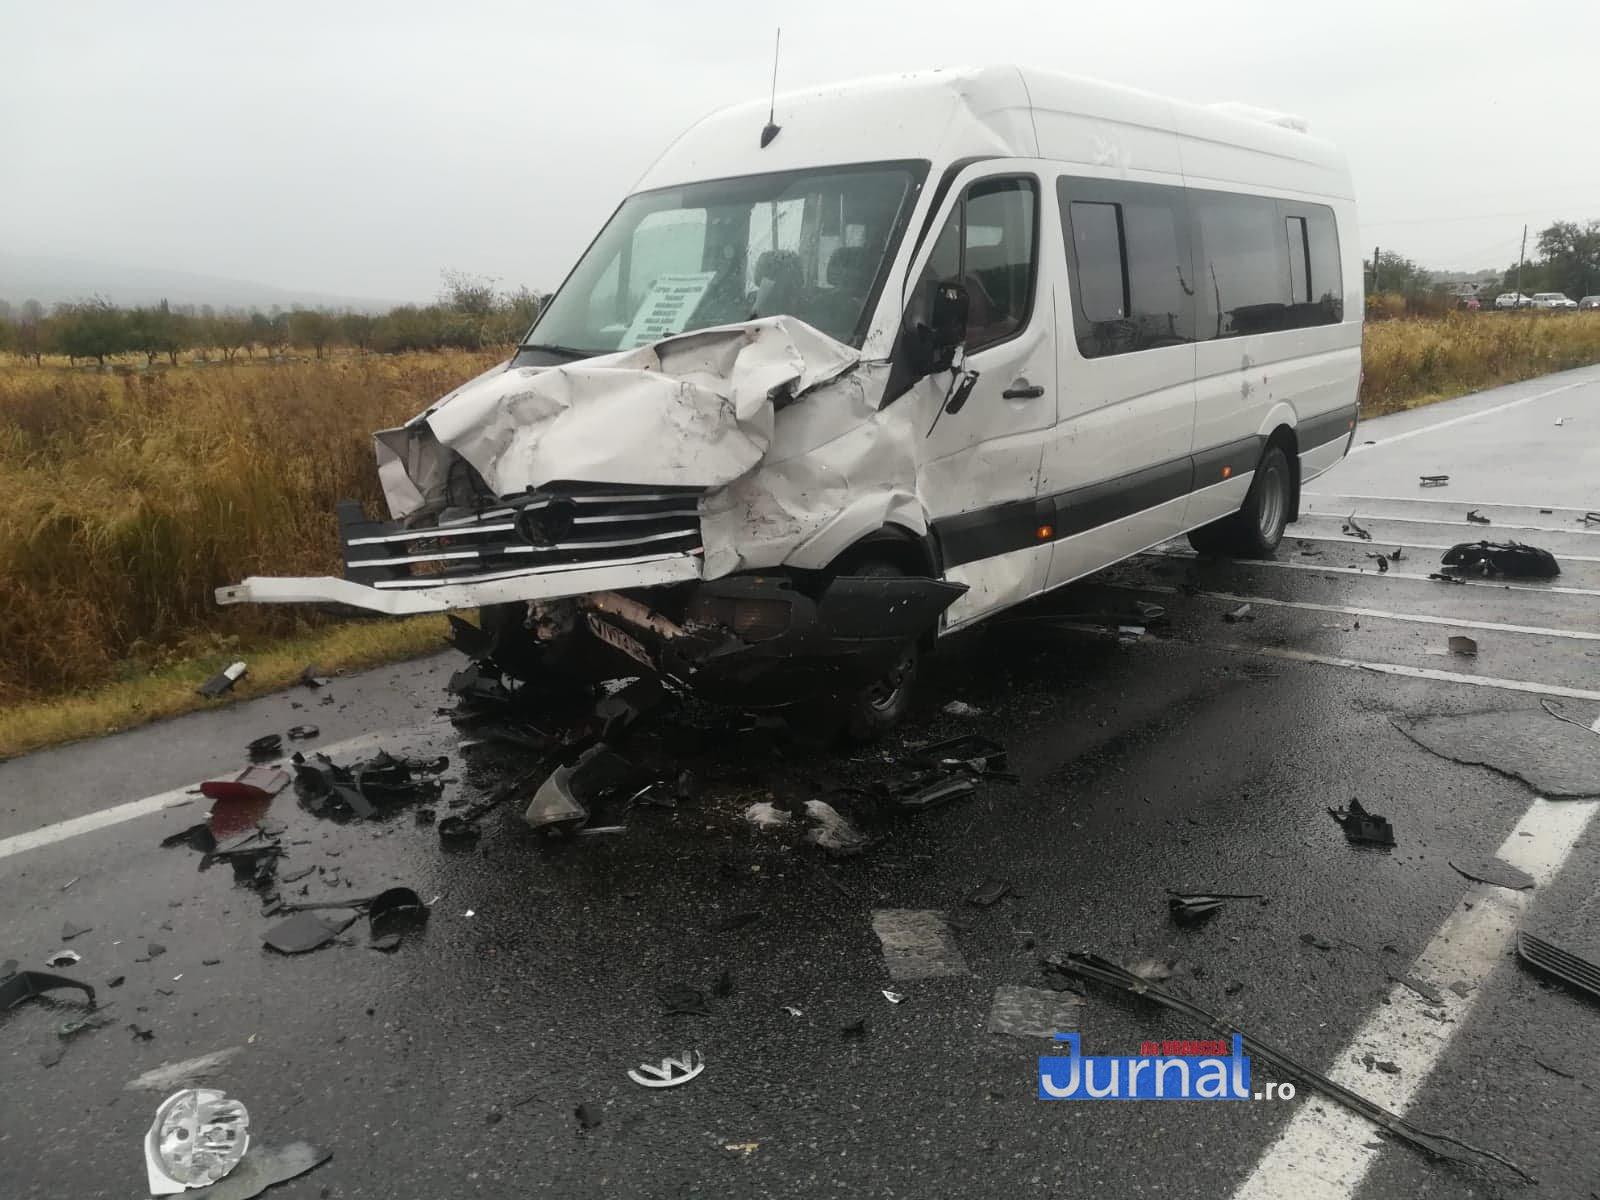 71392144 510520316183748 1229708506177732608 n - FOTO: Cum s-a produs accidentul de la Bolotești